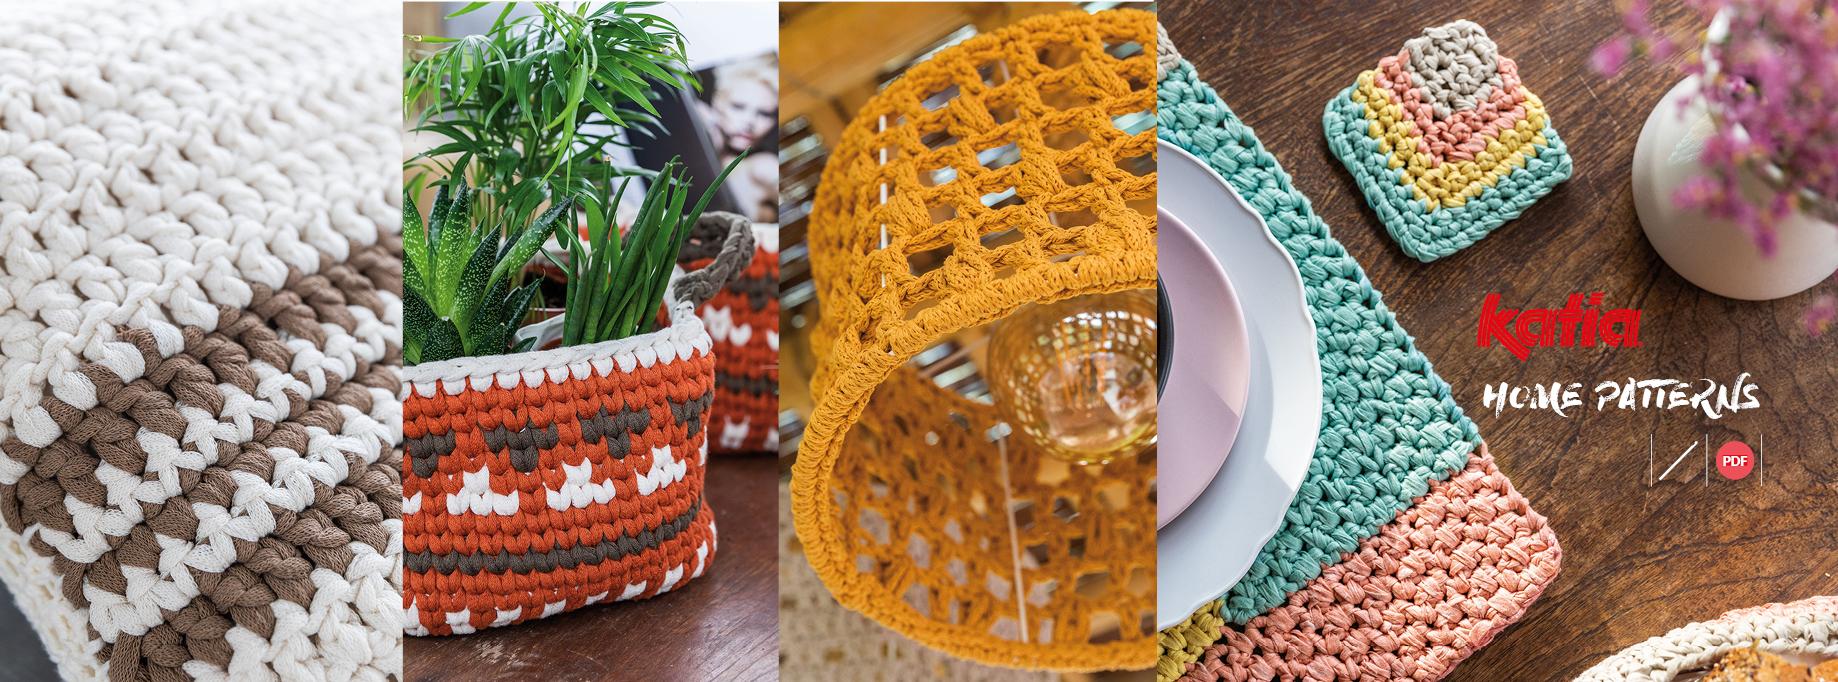 11 haakpatronen voor je woning: gehaakte accessoires voor je woning